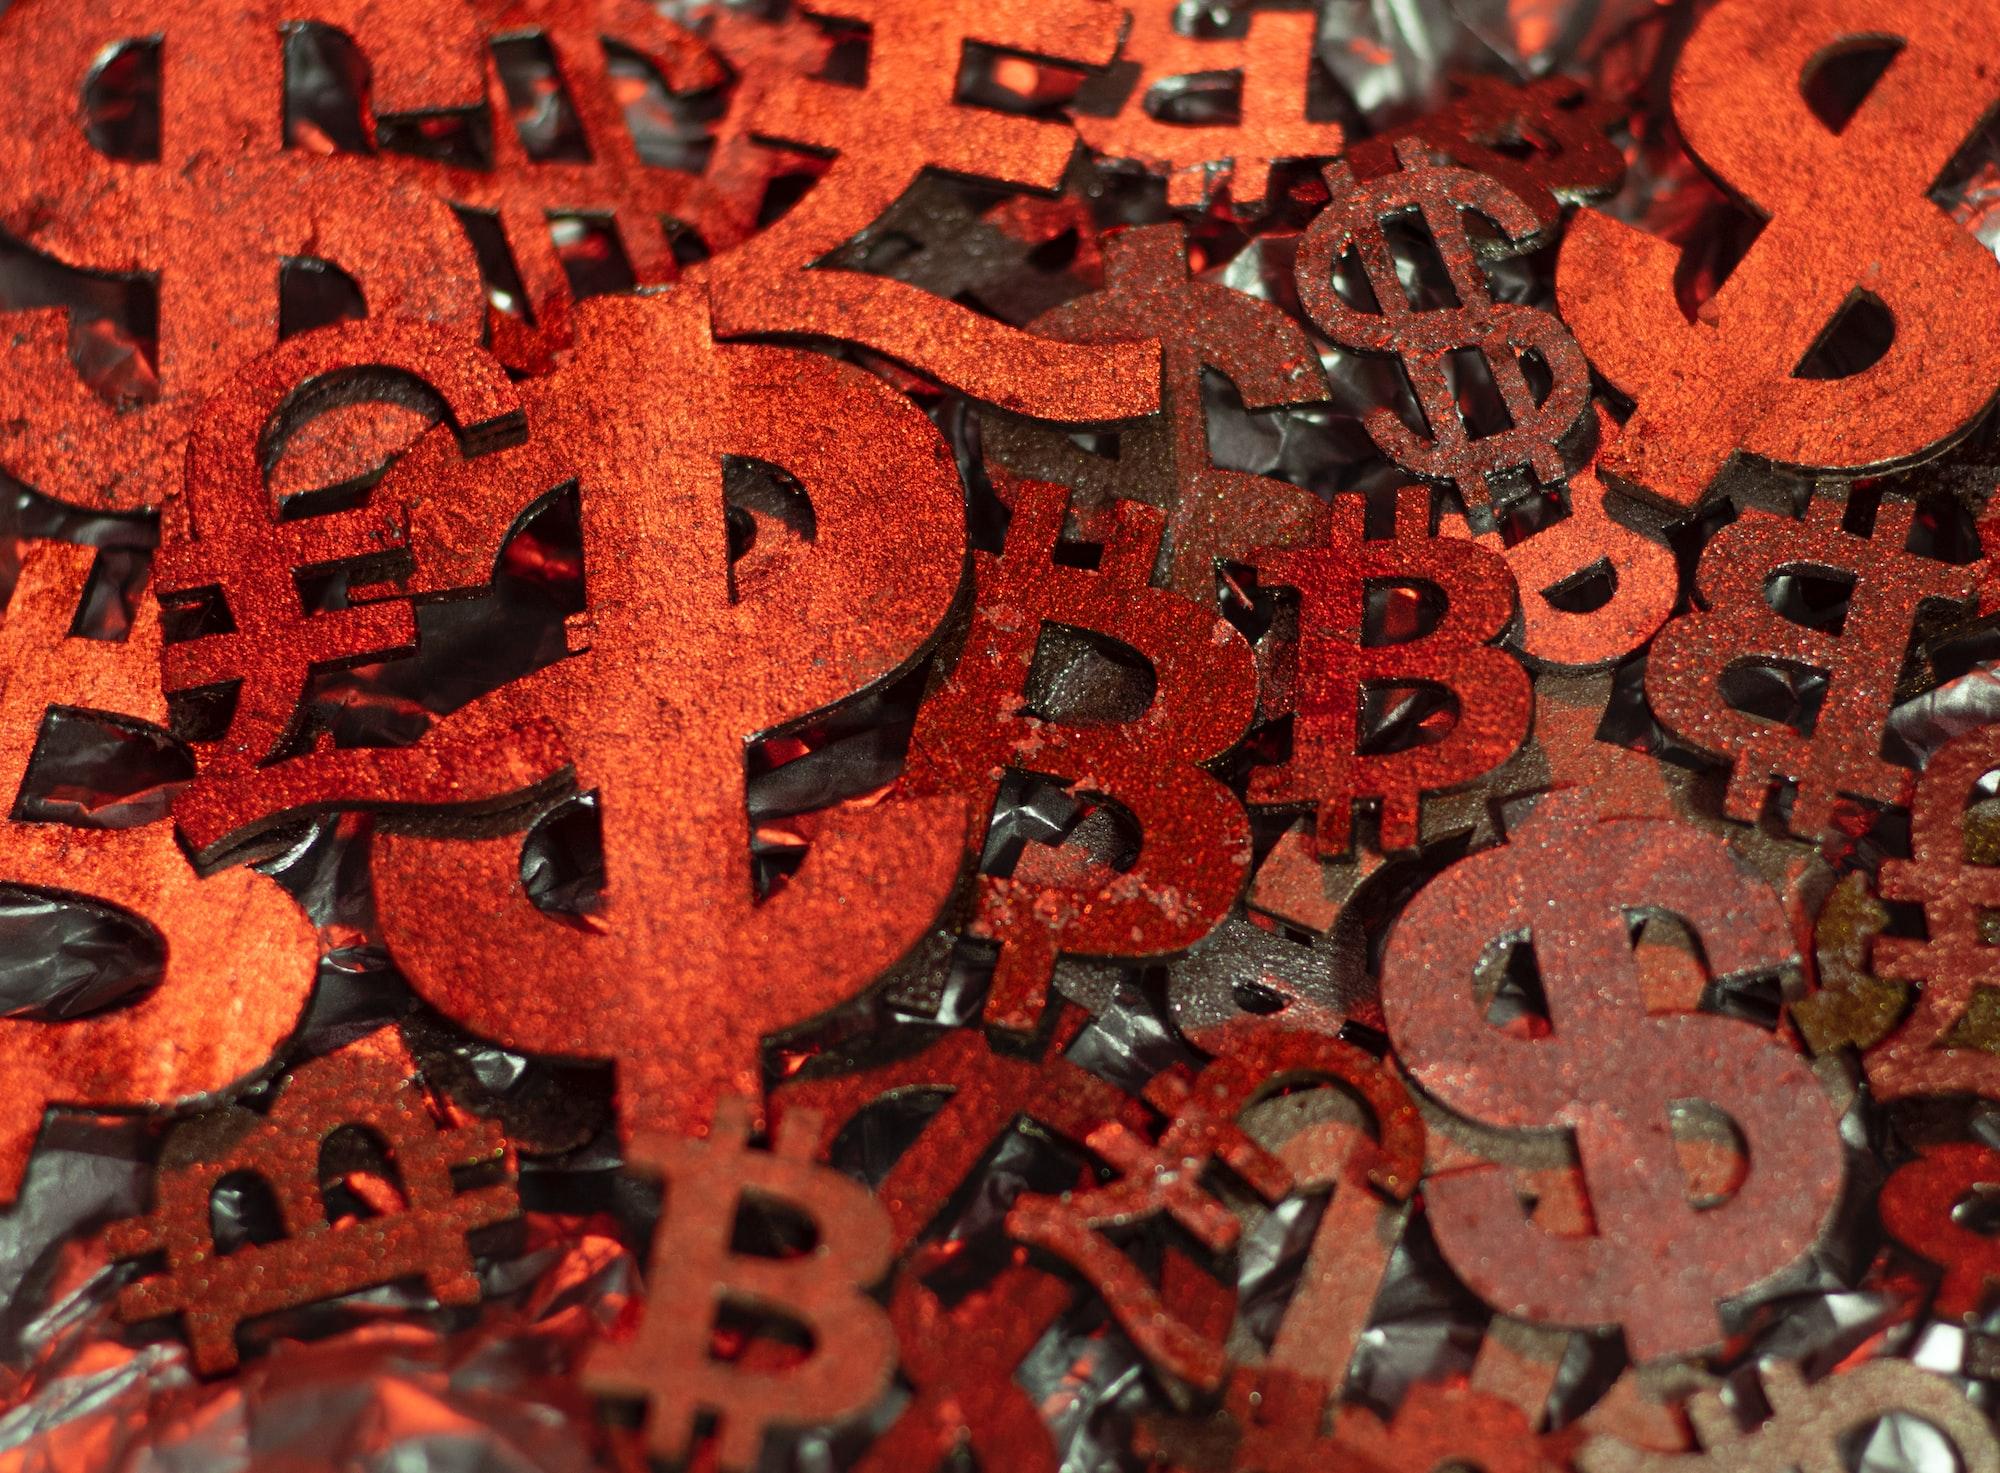 จำนวนการใช้ Bitcoin จะพุ่งสูงขึ้นถึง 90% ในปี 2030